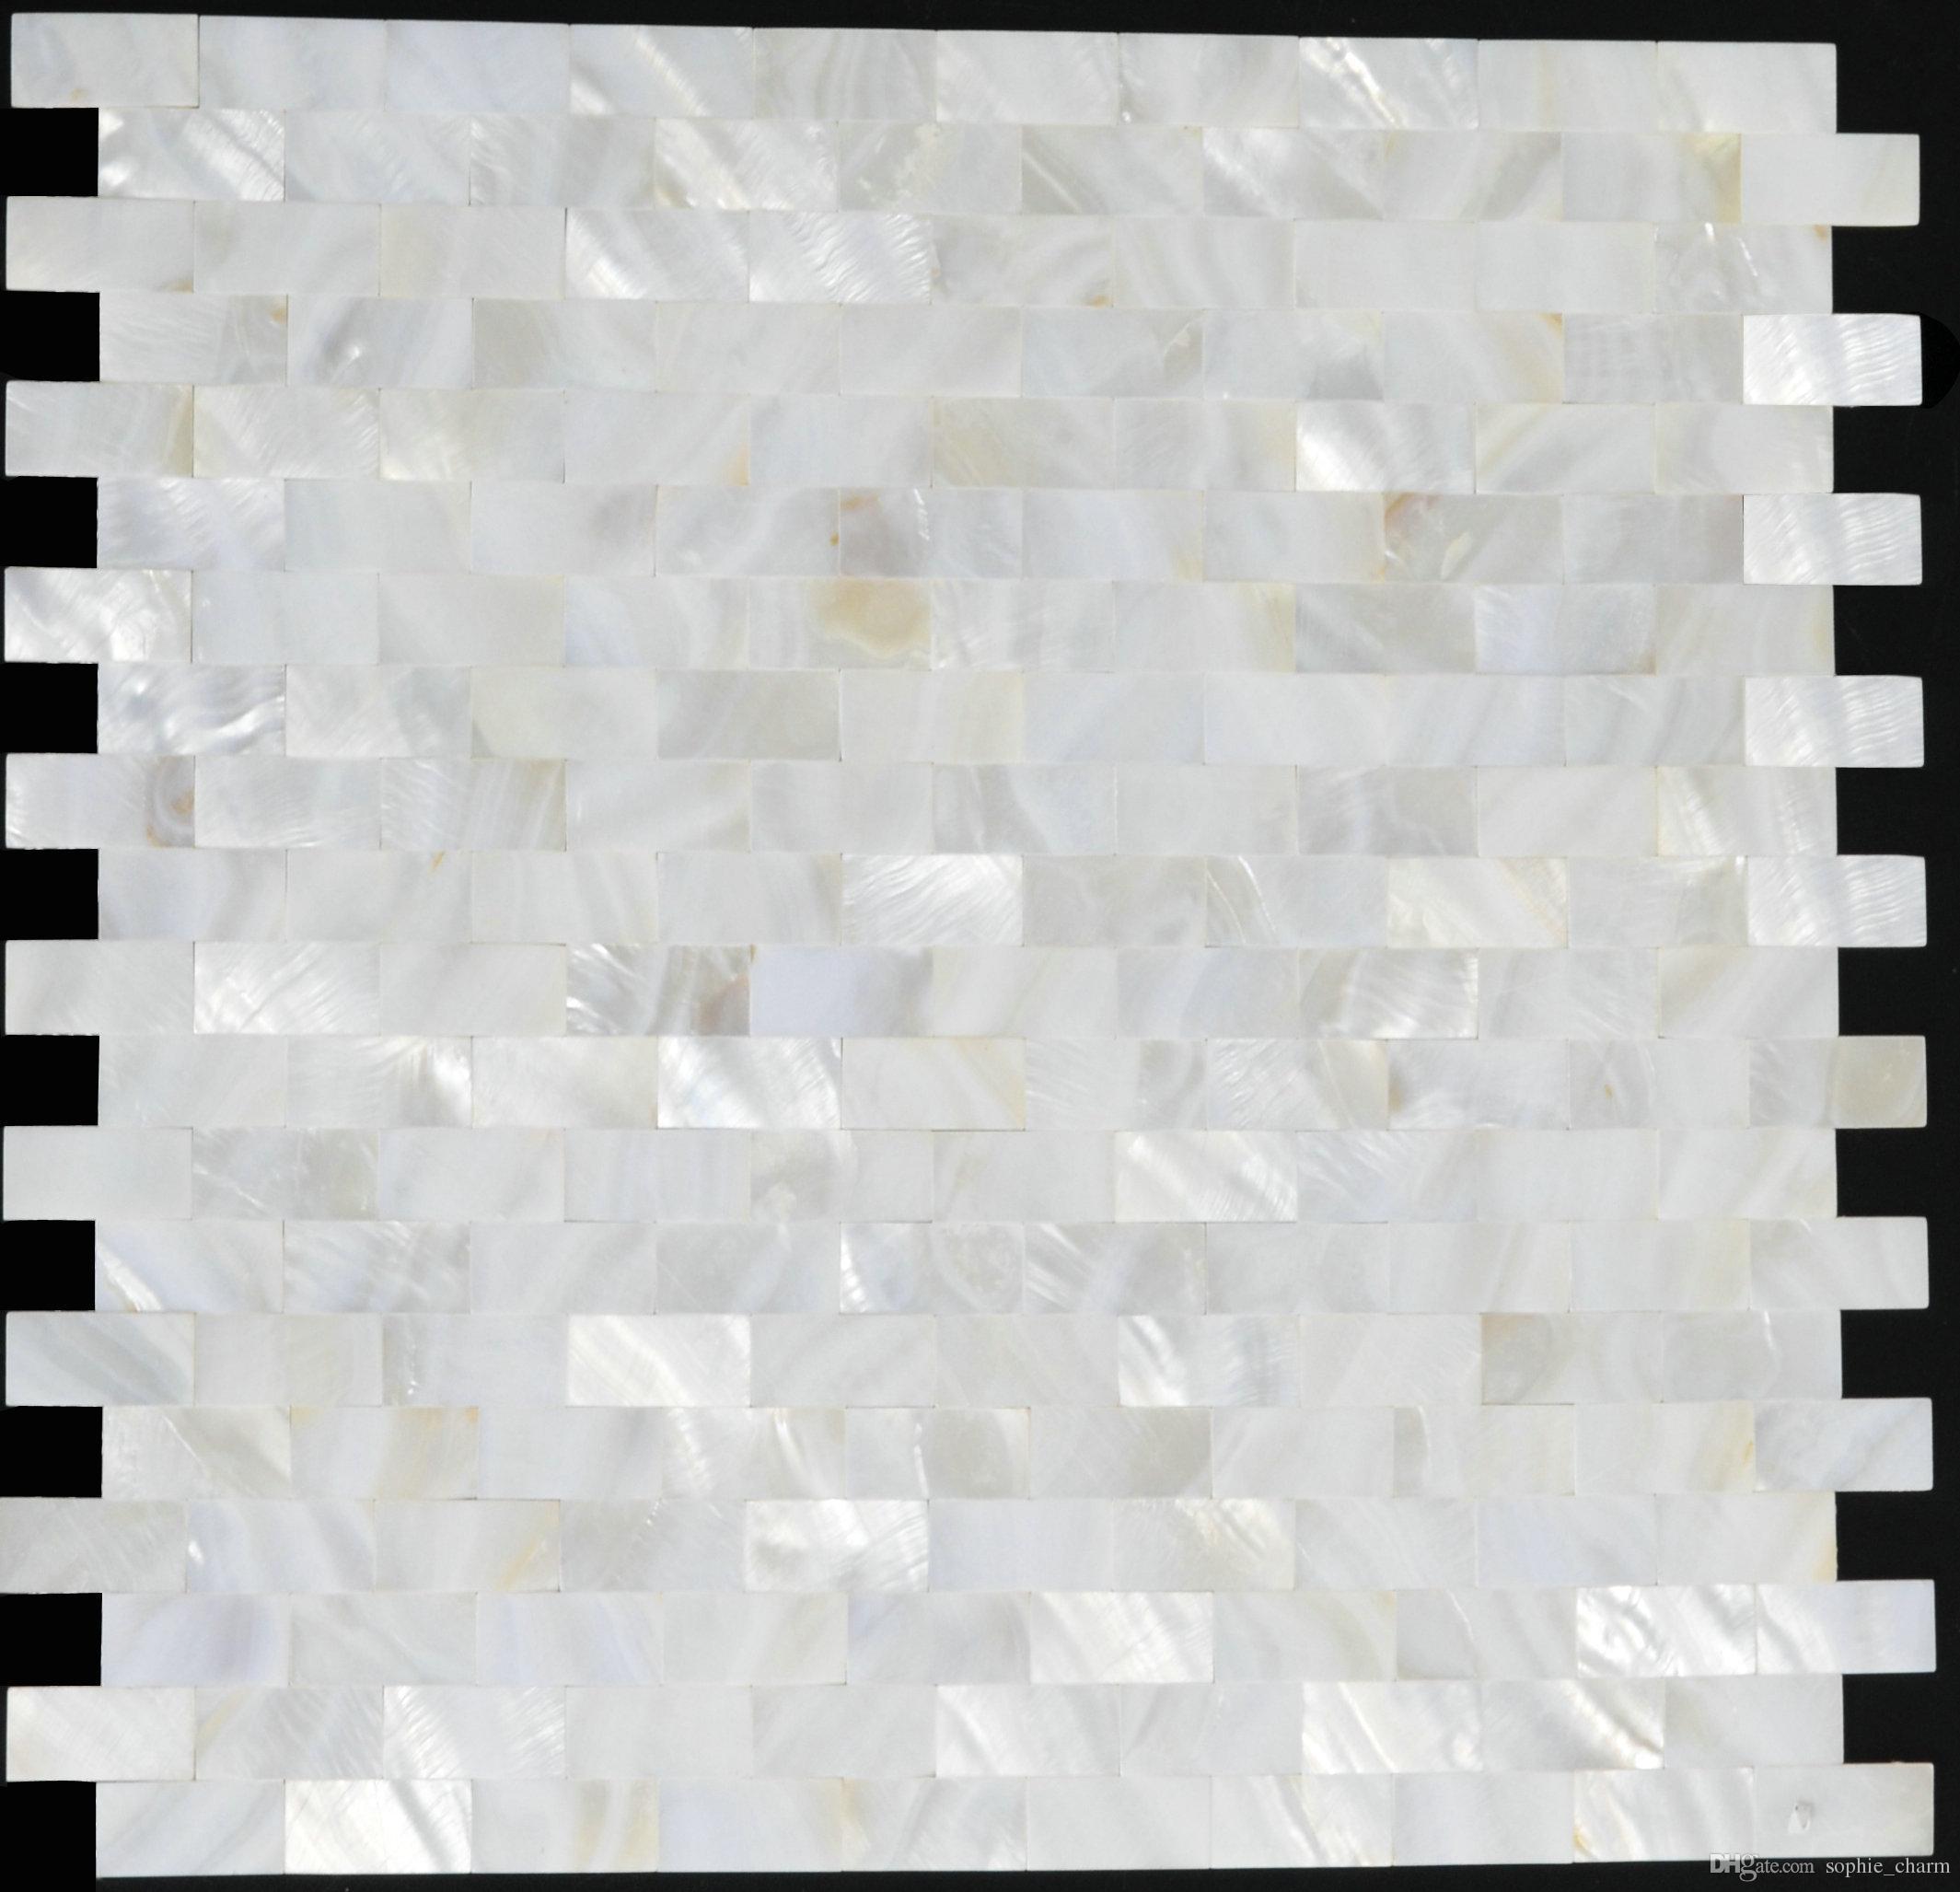 Piastrelle A Mosaico Per Bagno acquista 15x30mm groutless madreperla mosaico mollusco conchiglia cucina  backsplash piastrelle mop008 mattone madreperla conchiglia mosaico bagno a